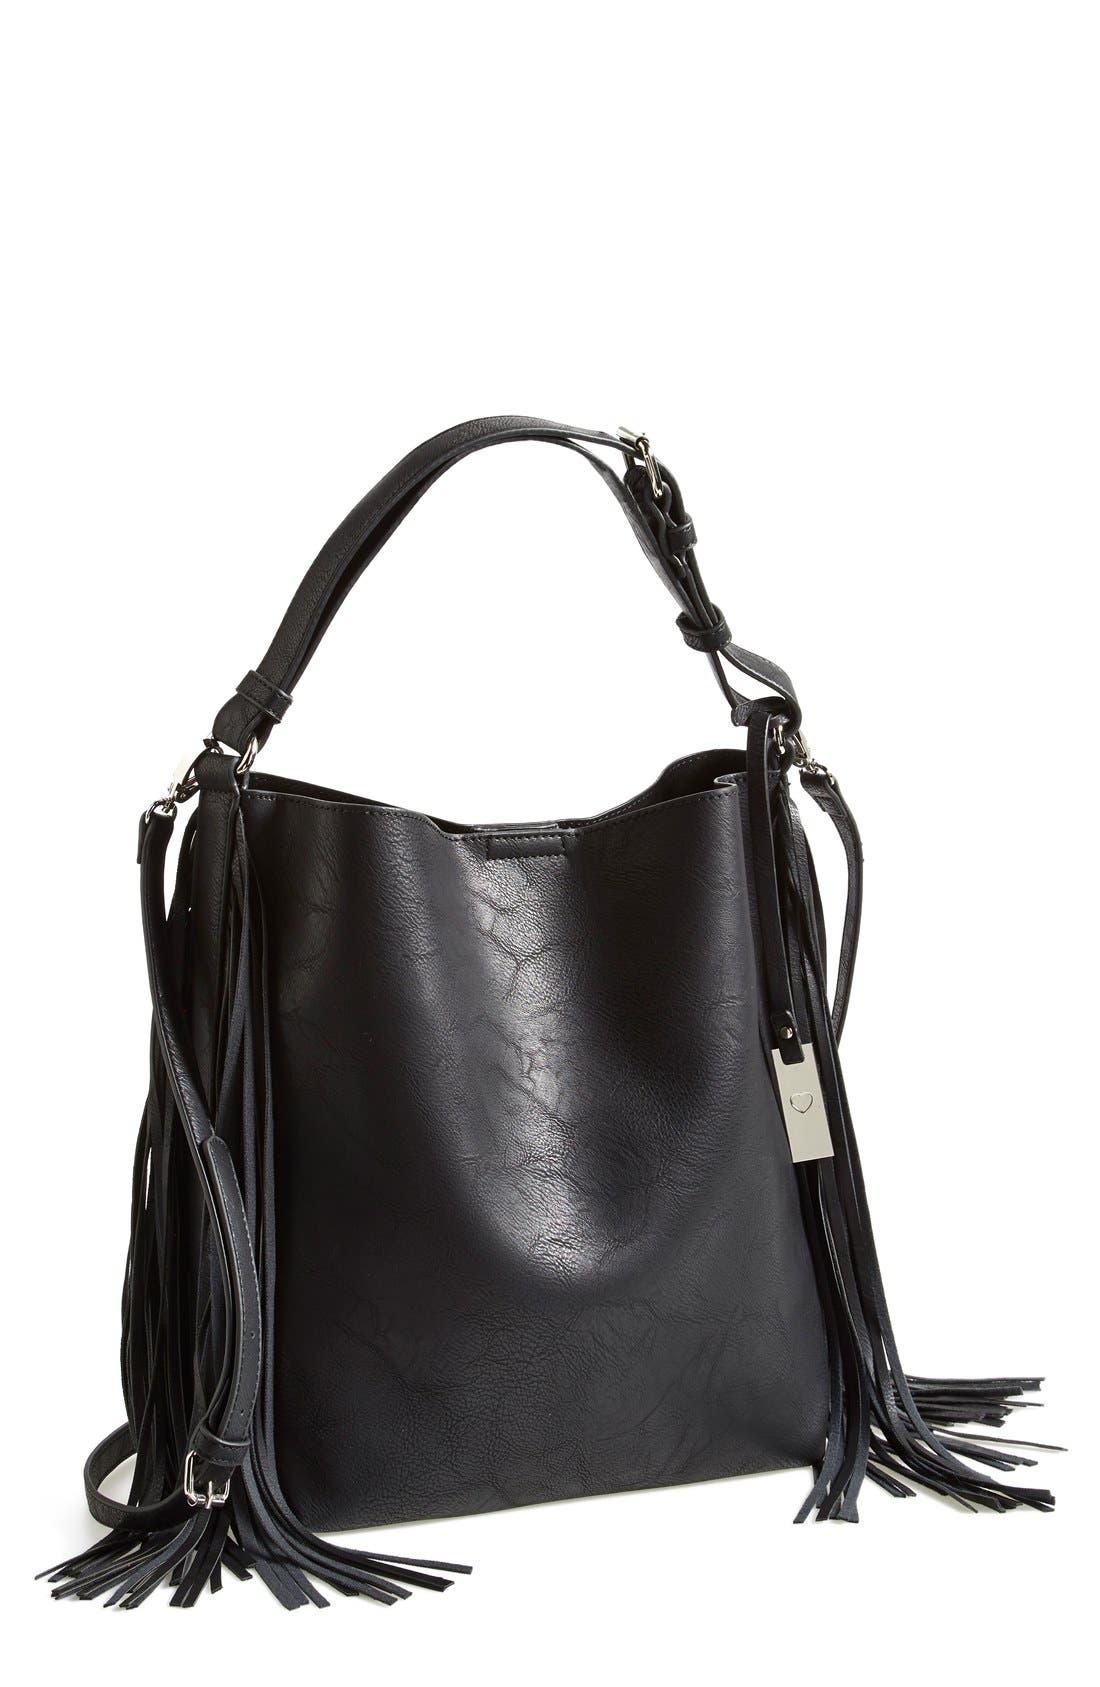 Alternate Image 1 Selected - Urban Originals 'Avoca' Fringe Shoulder Bag